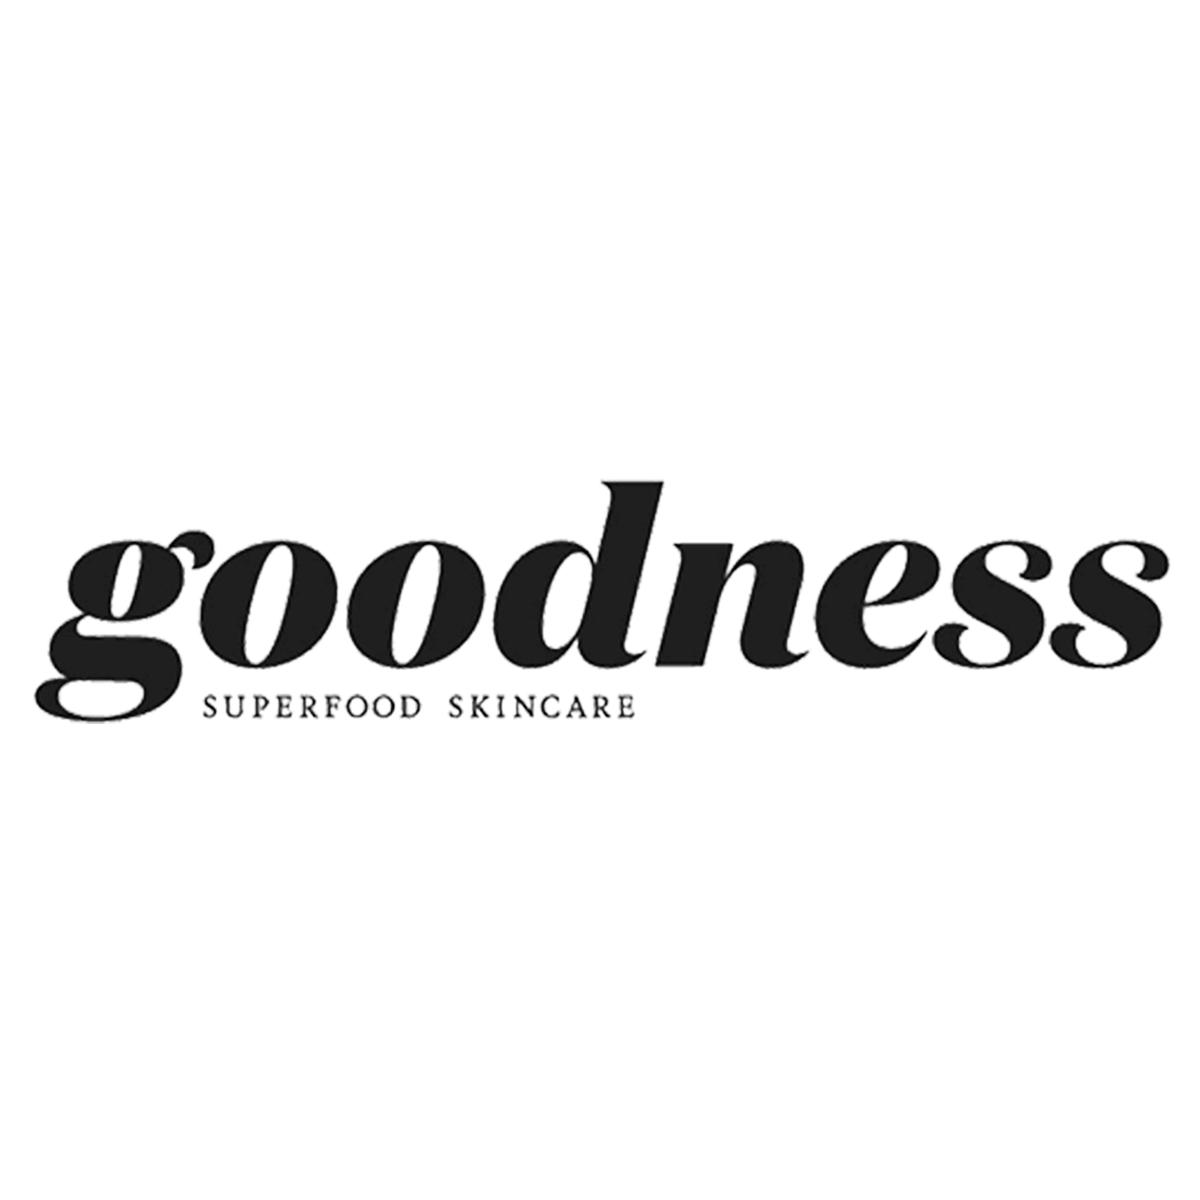 GoodnessSkincare.jpg